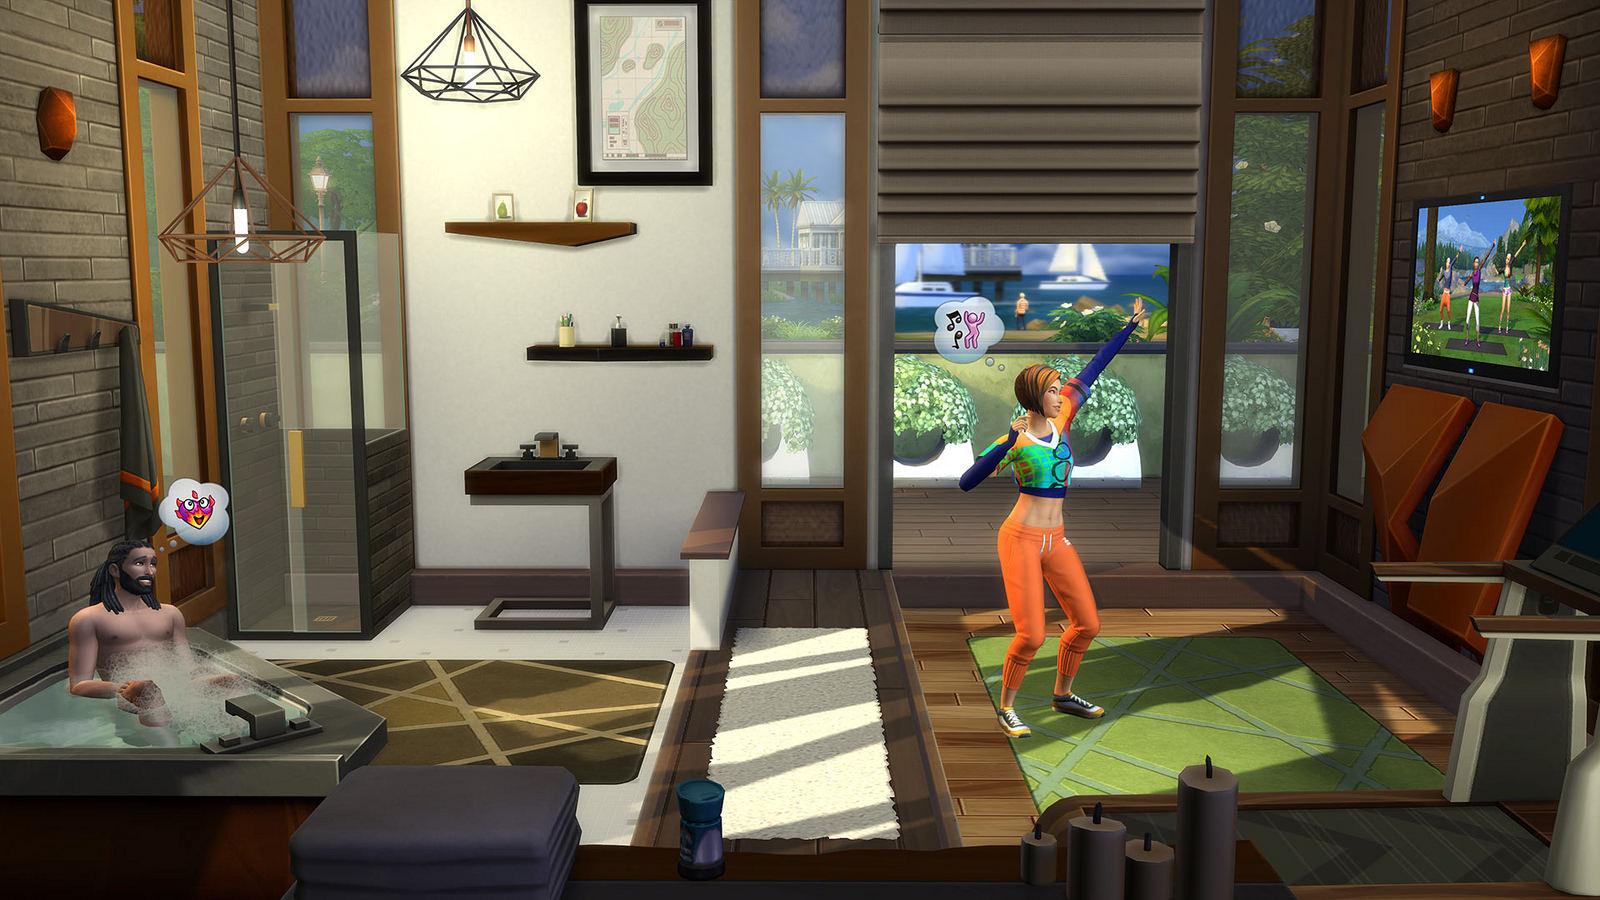 Vasca Da Bagno The Sims Mobile : The sims 4 fitness arrampicate auricolari esercizi e altro